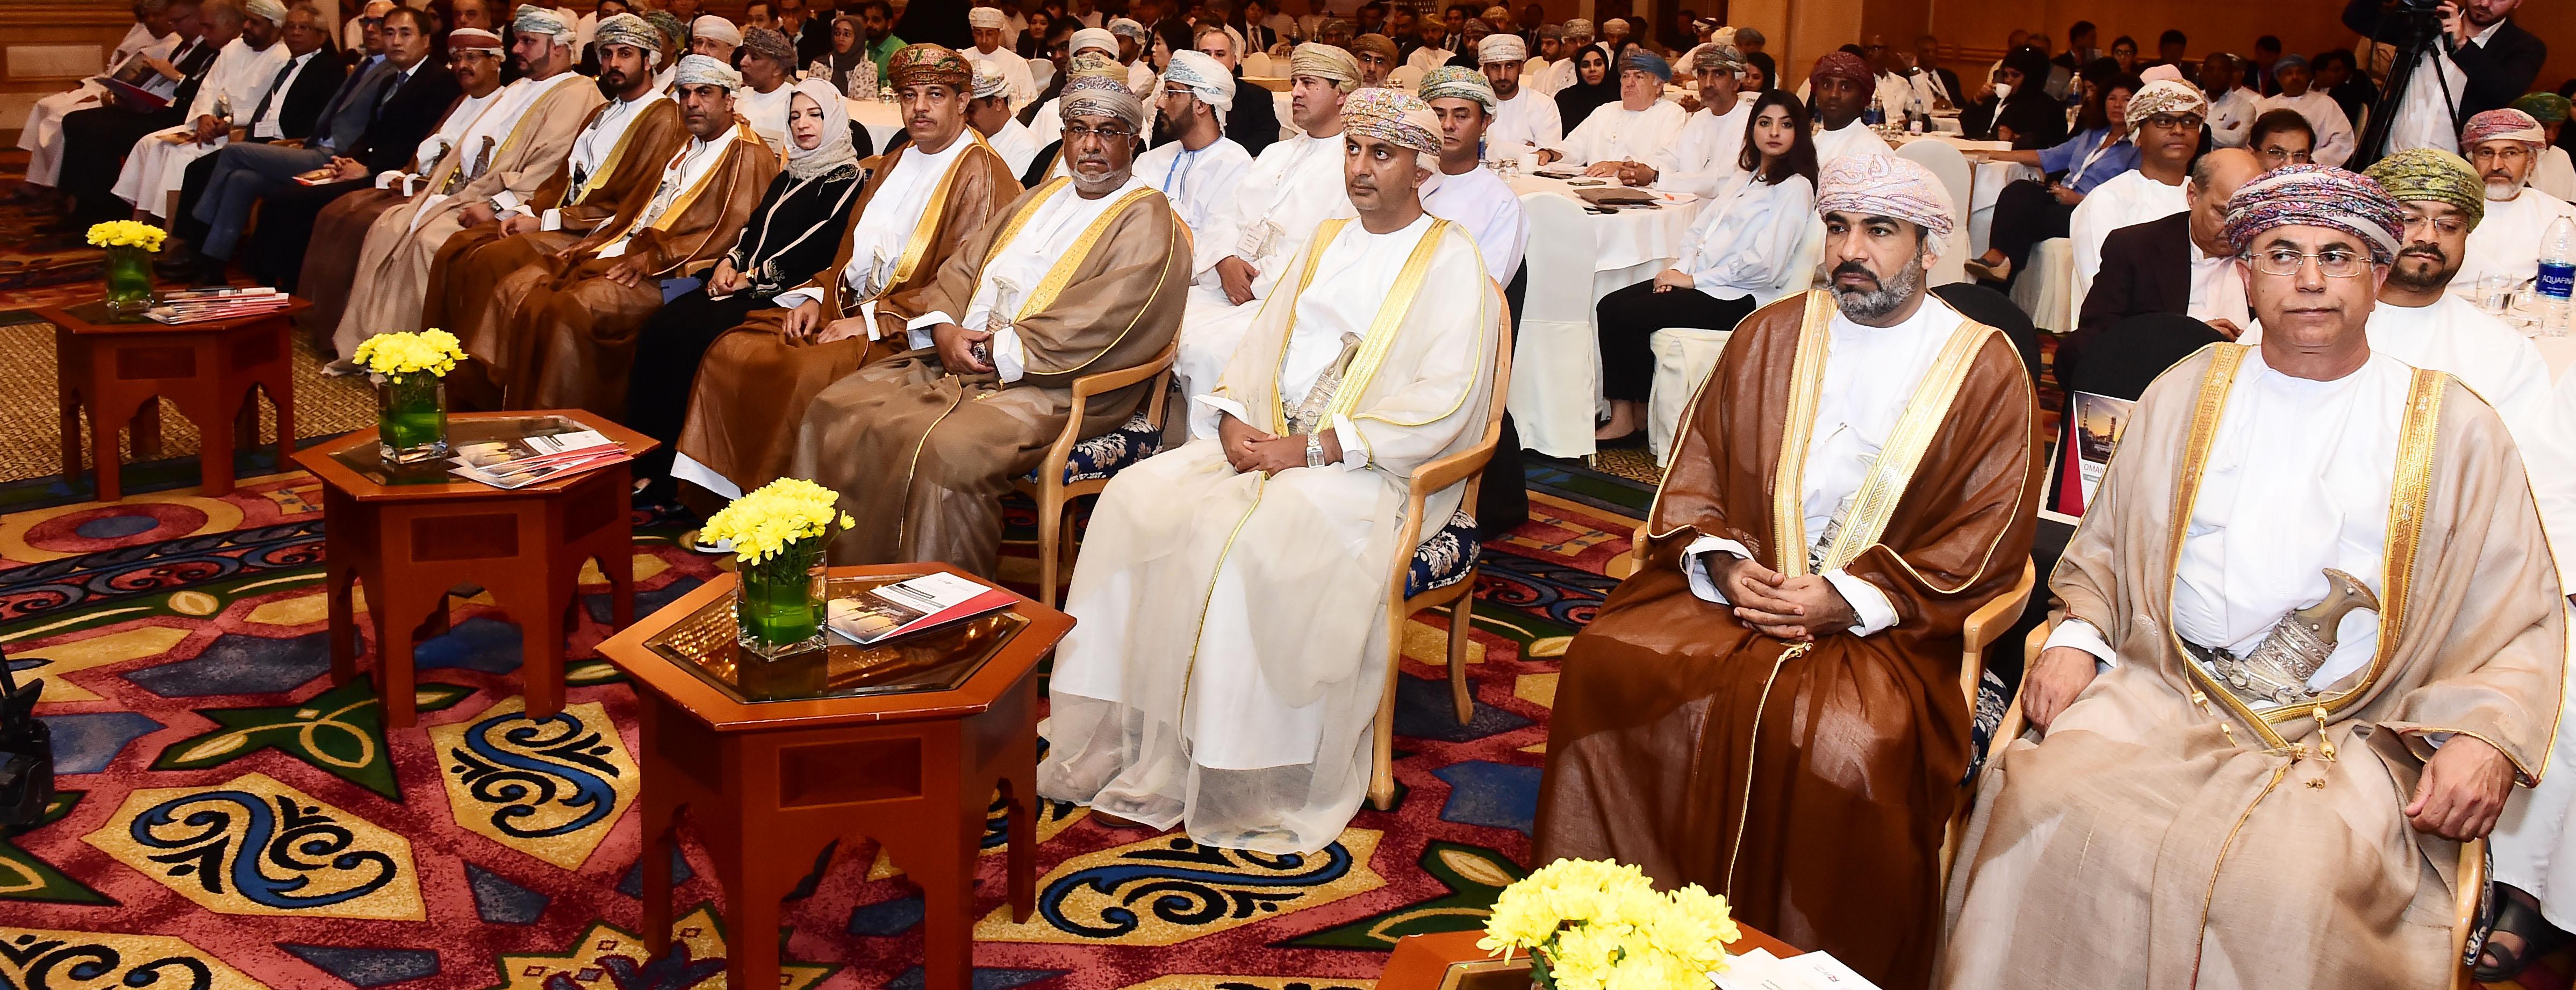 """بدء أعمال مؤتمر عُمان لـ""""المناطق الاقتصادية والحرة"""" لعام ٢٠١٩"""